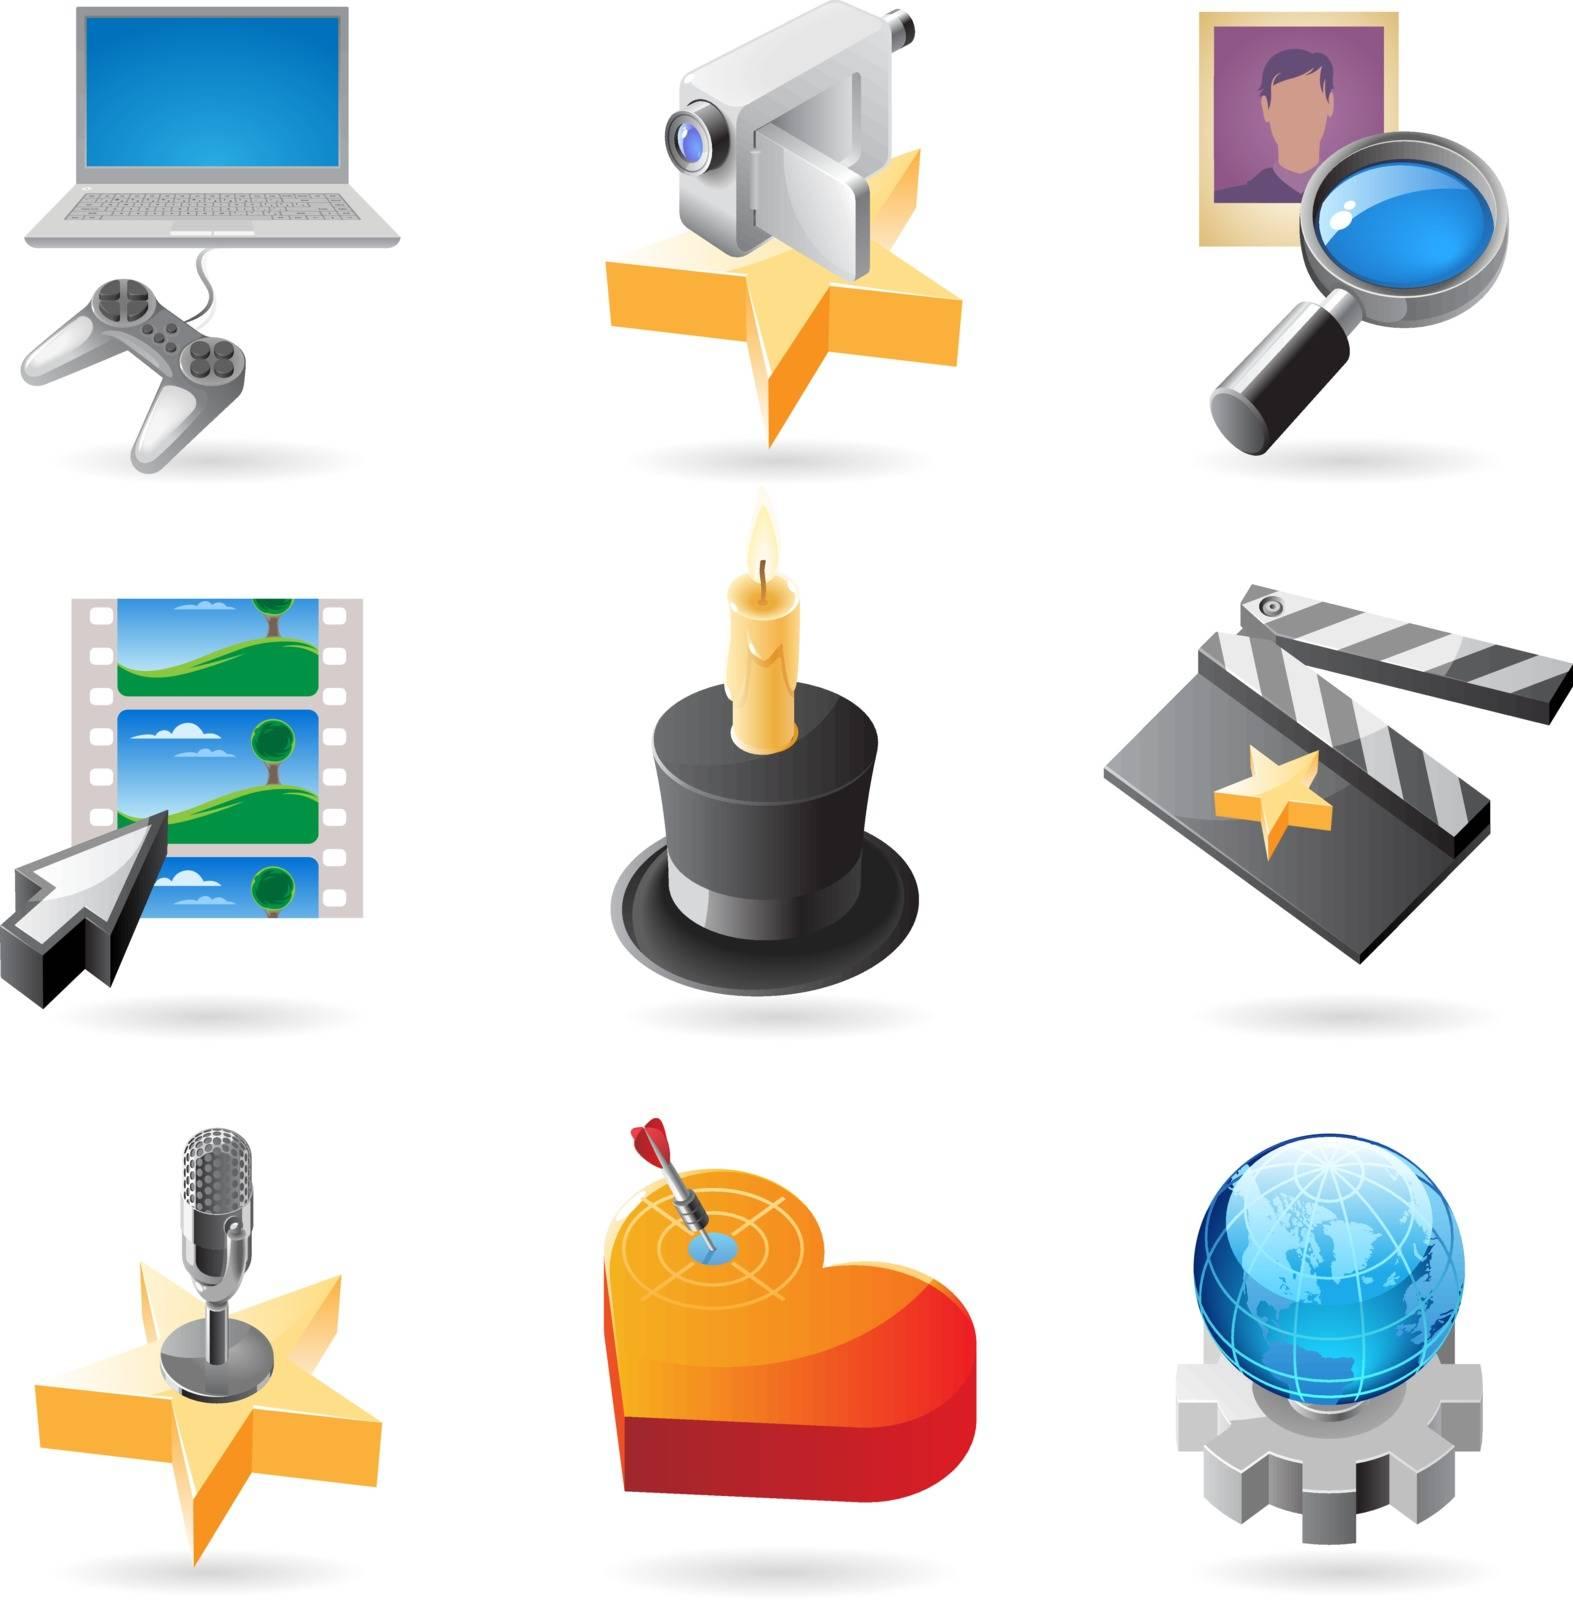 Icon concepts for media by ildogesto